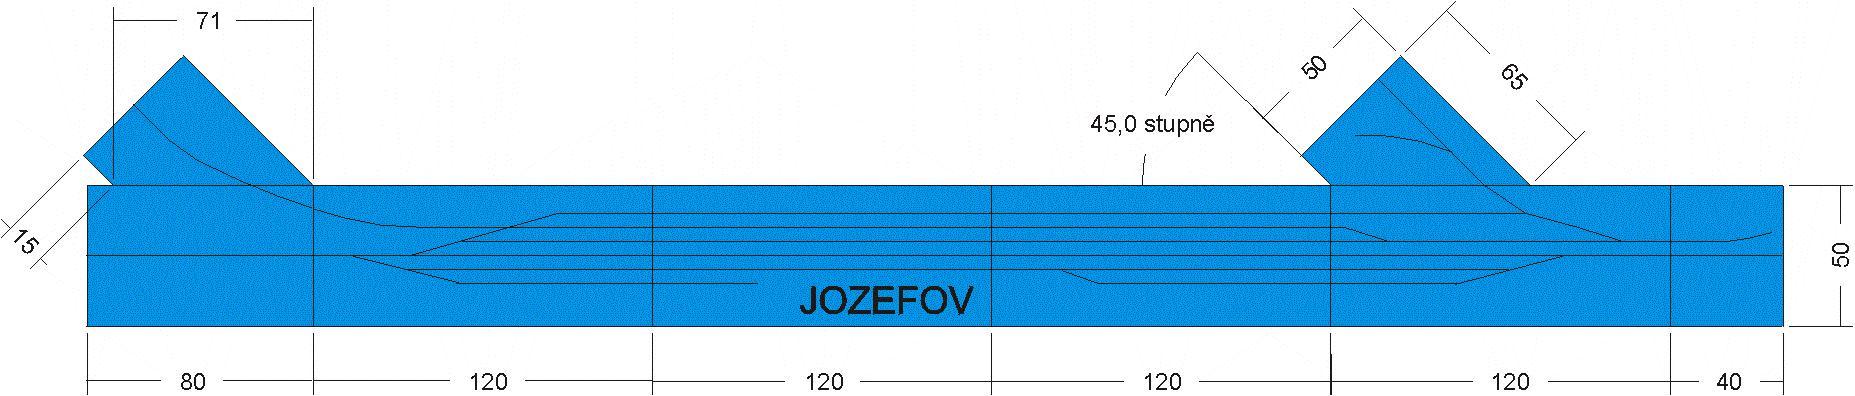 stanica-jozefov.jpg